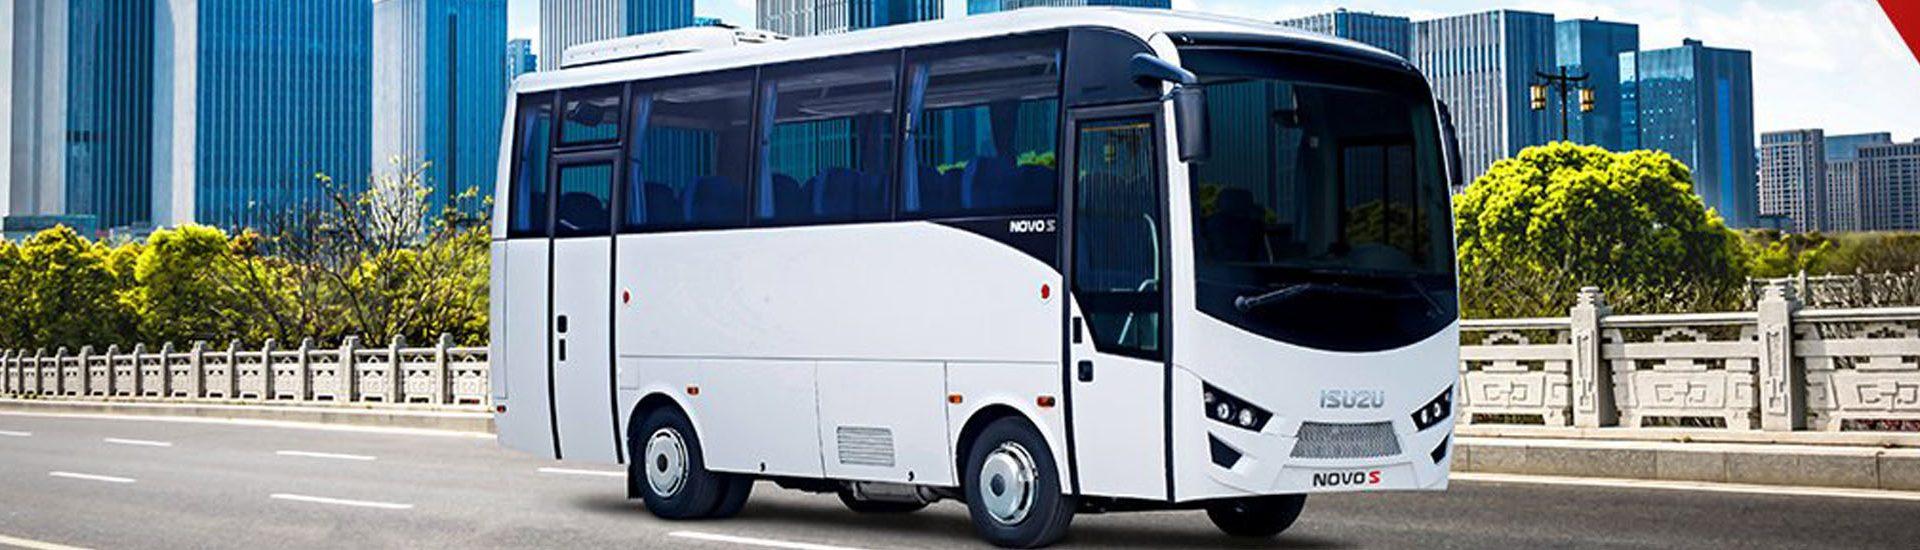 bus copy